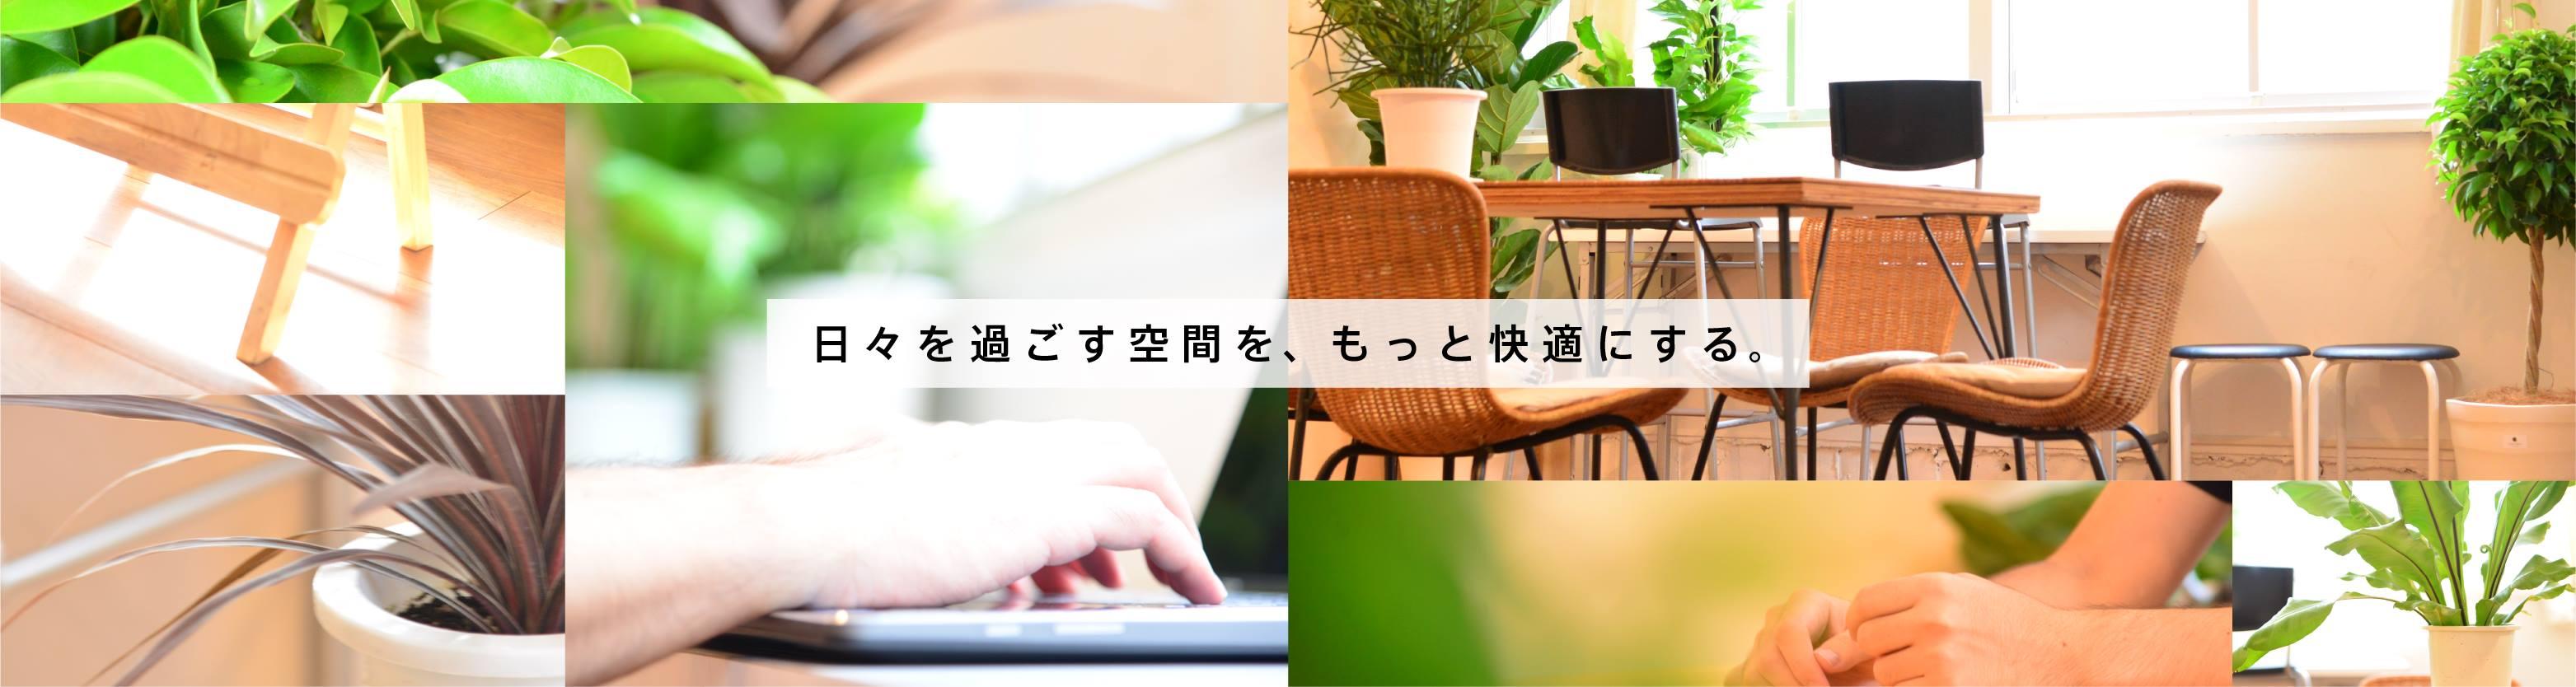 メイン画像4(高解像度_ドットなし)_big